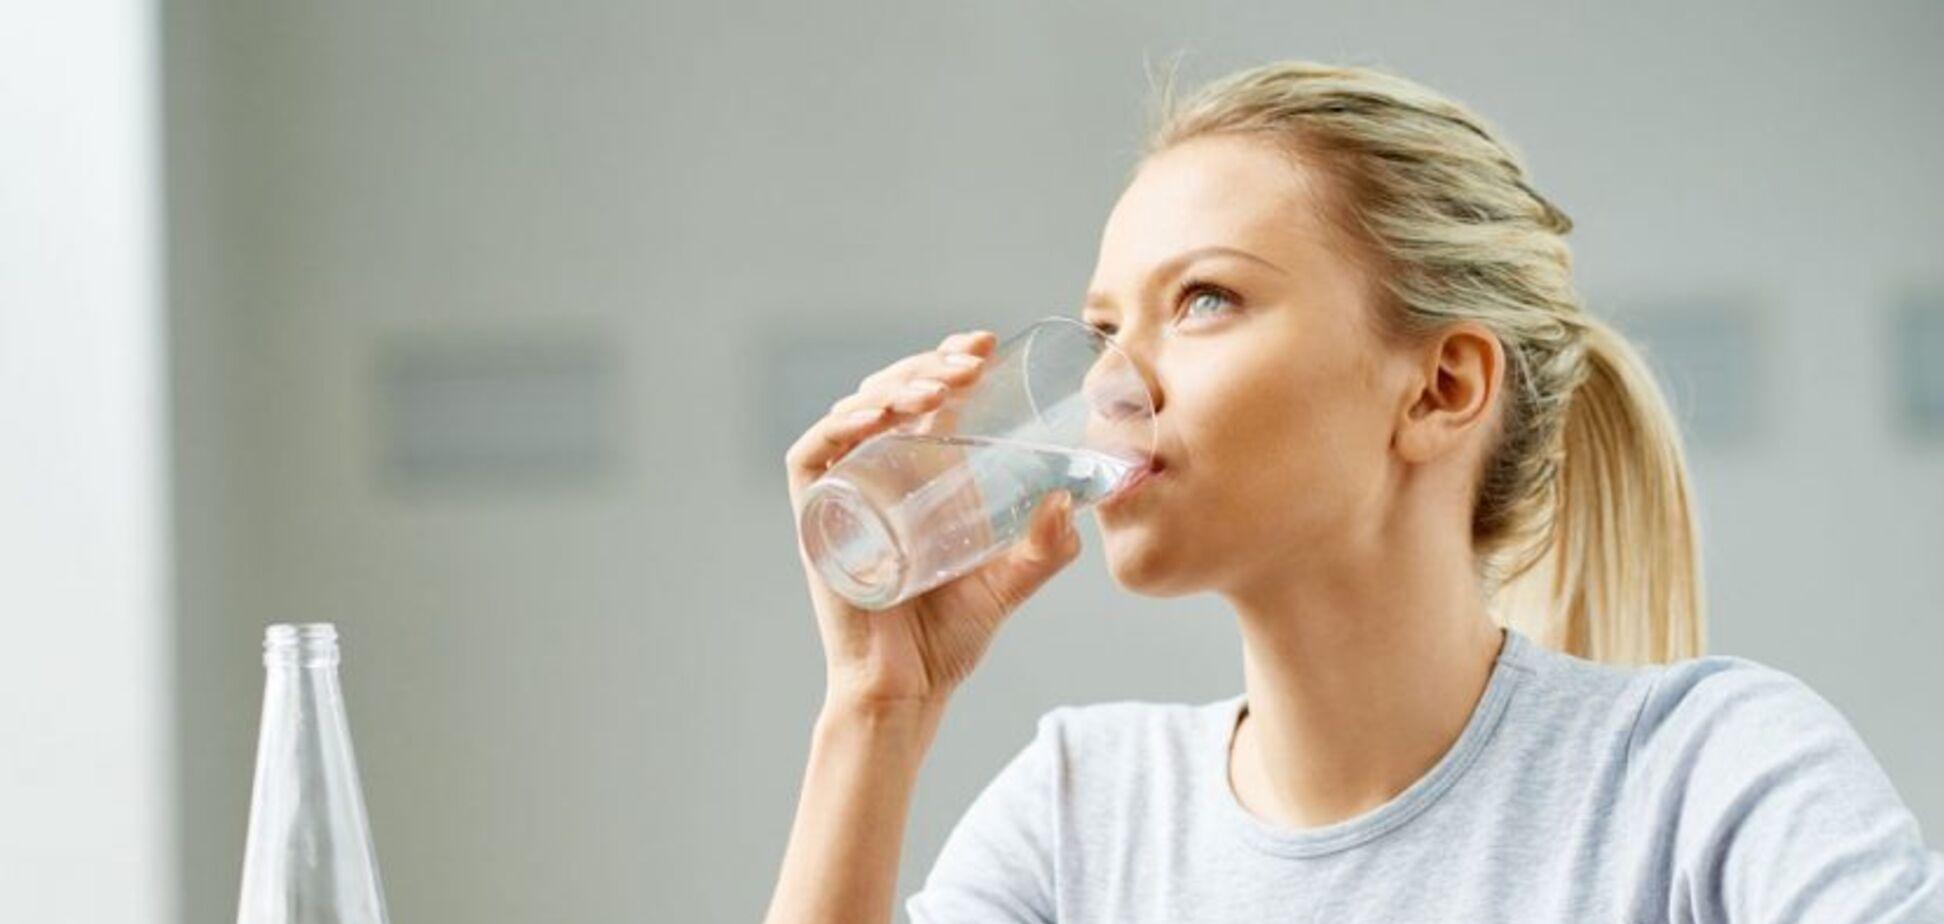 Значно корисніше: вчені назвали несподіваний замінник води